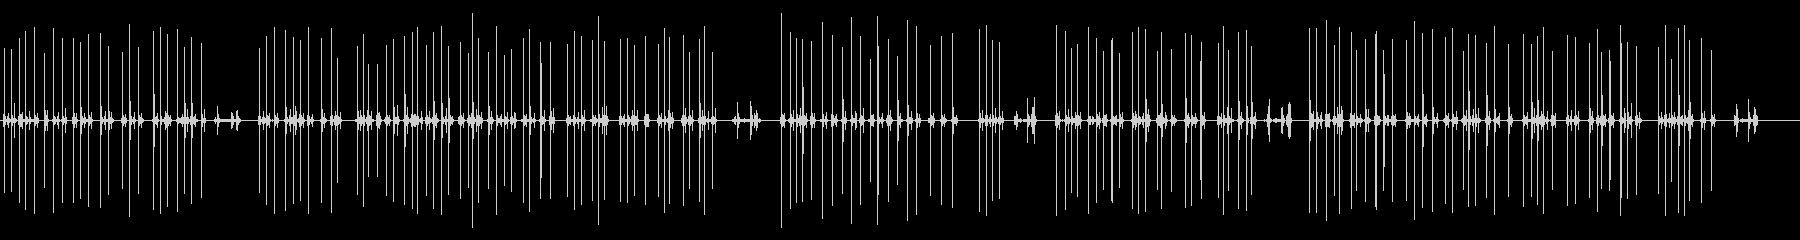 タイプライター02-01(タイプ)の未再生の波形